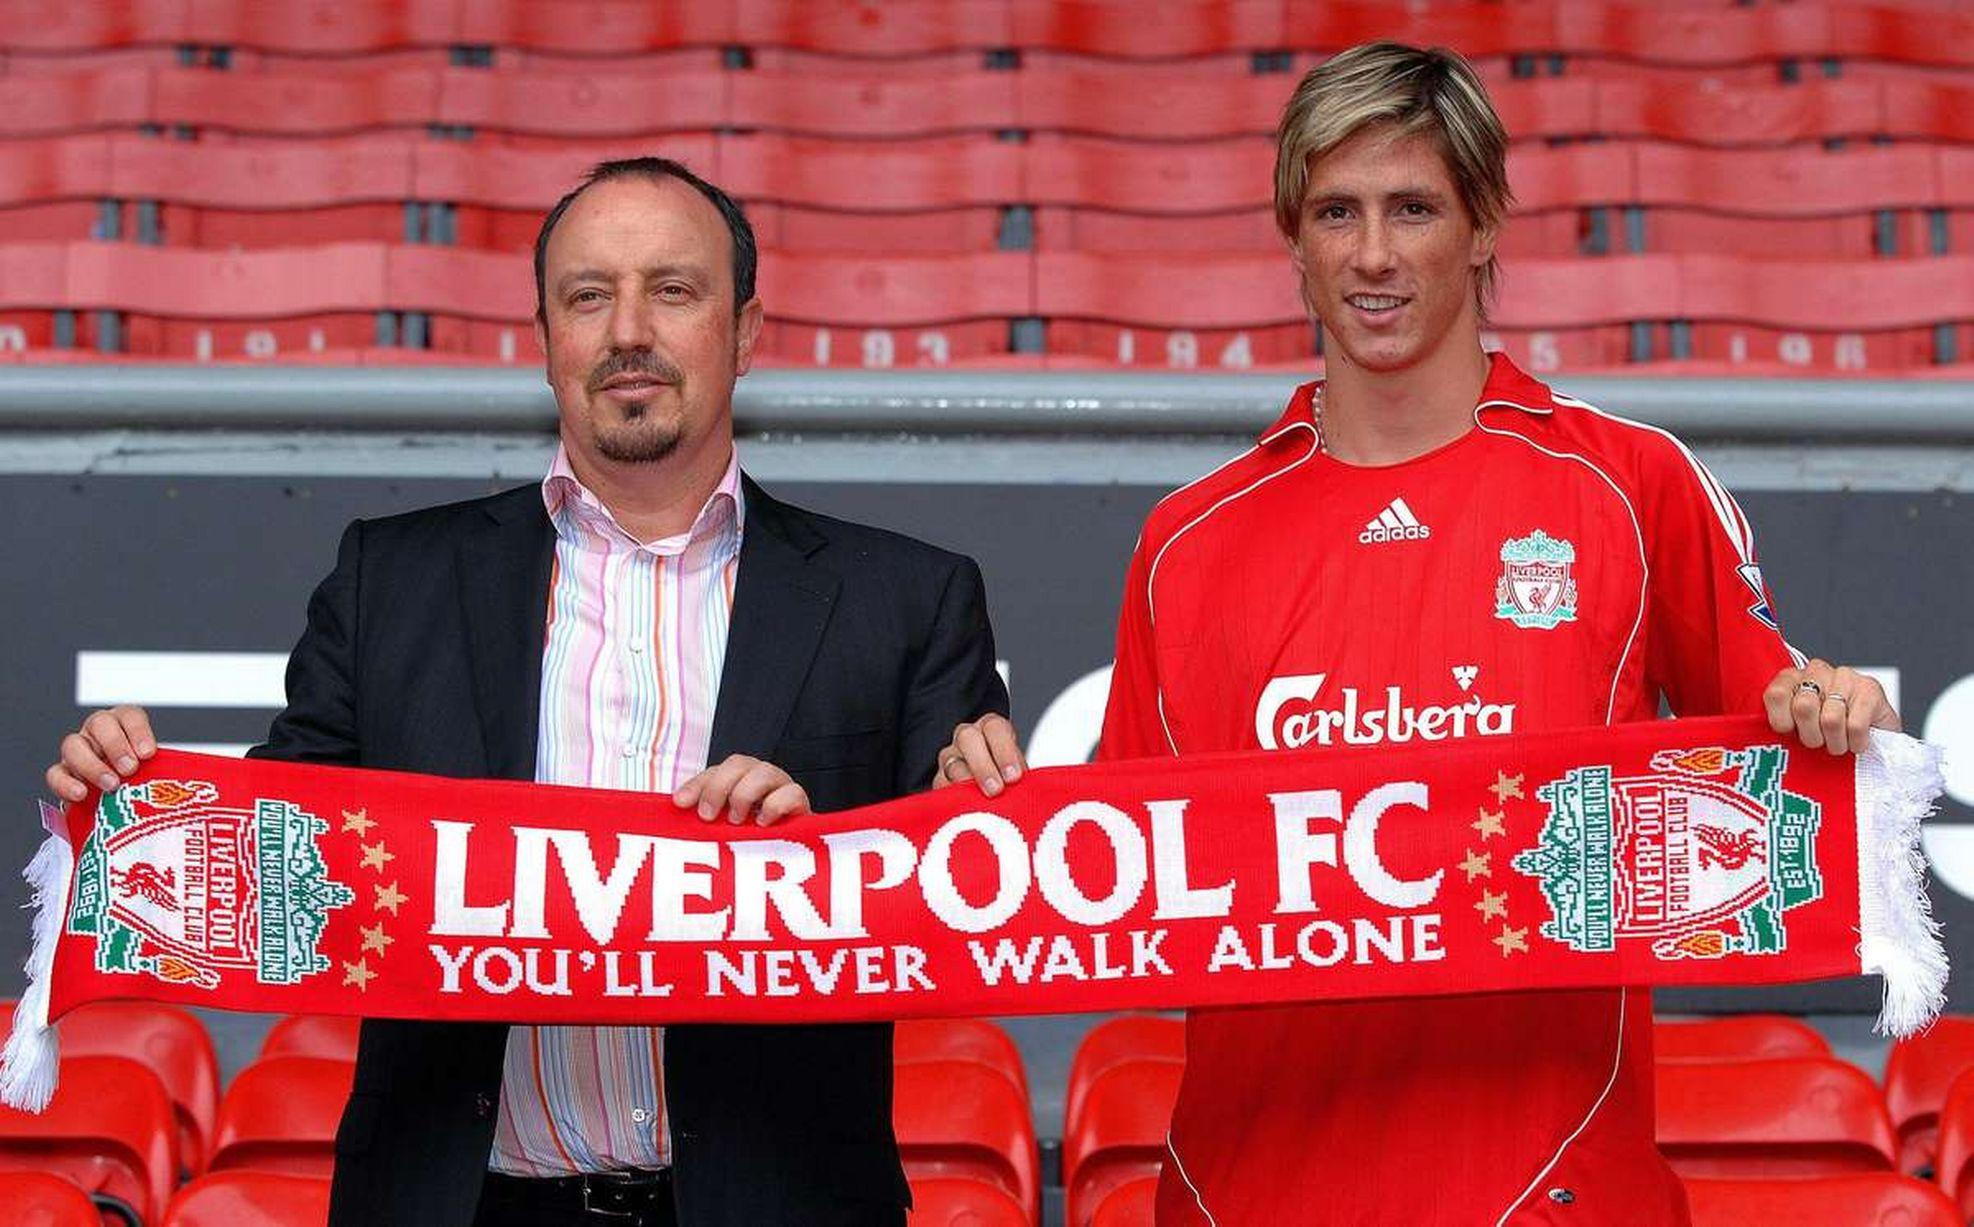 Tròn 10 năm Fernando Torres gia nhập Liverpool và những khoảnh khắc không thể quên